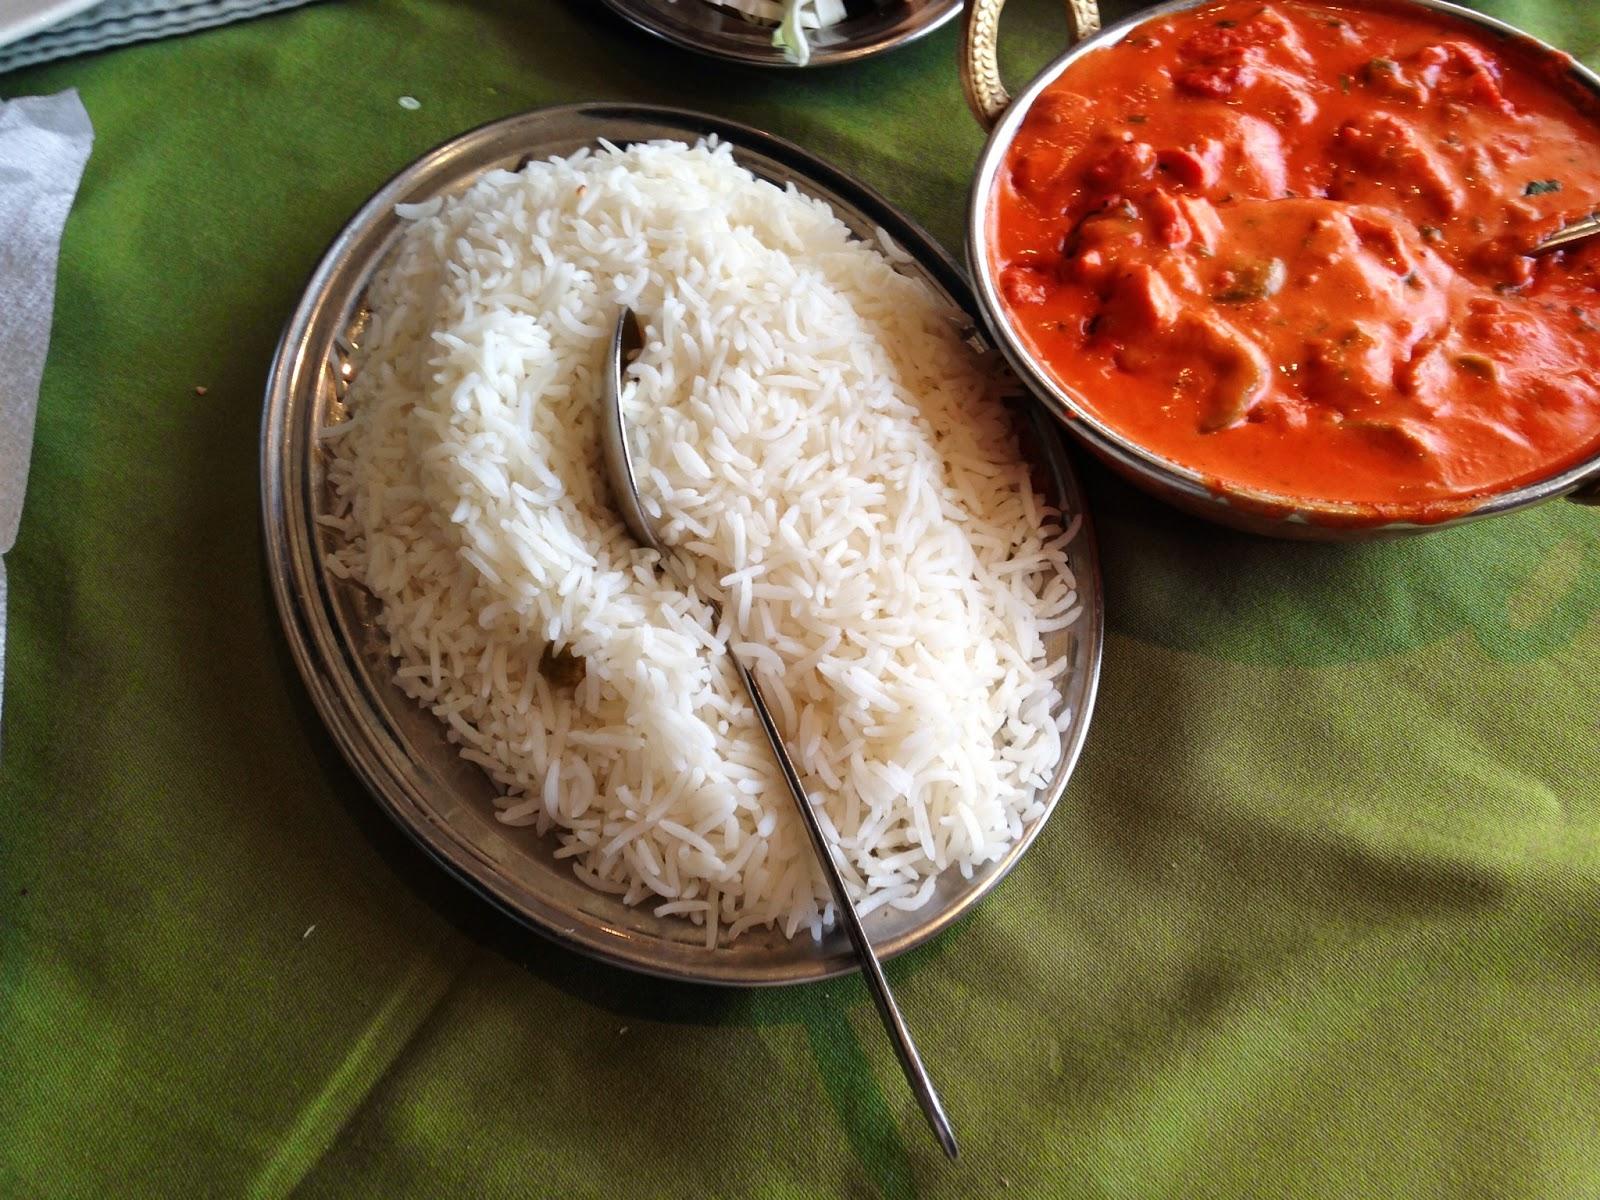 مدونة جناح !: تجربة مطعم شيزان الهندي - جدة